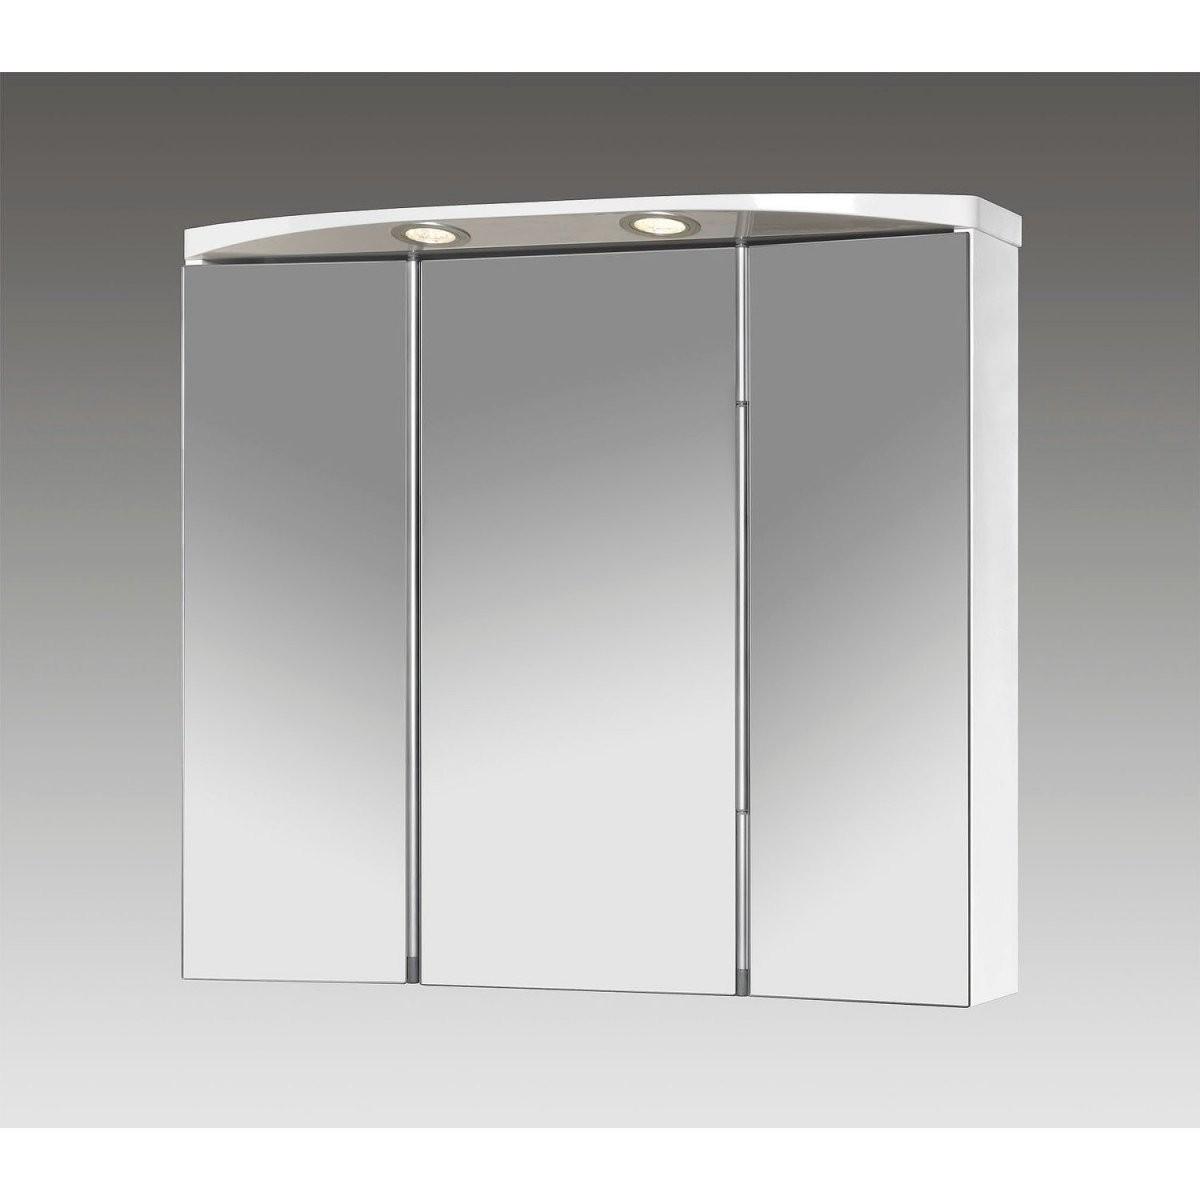 Spiegelschränke Online Kaufen Bei Obi  Obi von Bad Spiegelschrank Mit Beleuchtung Günstig Photo